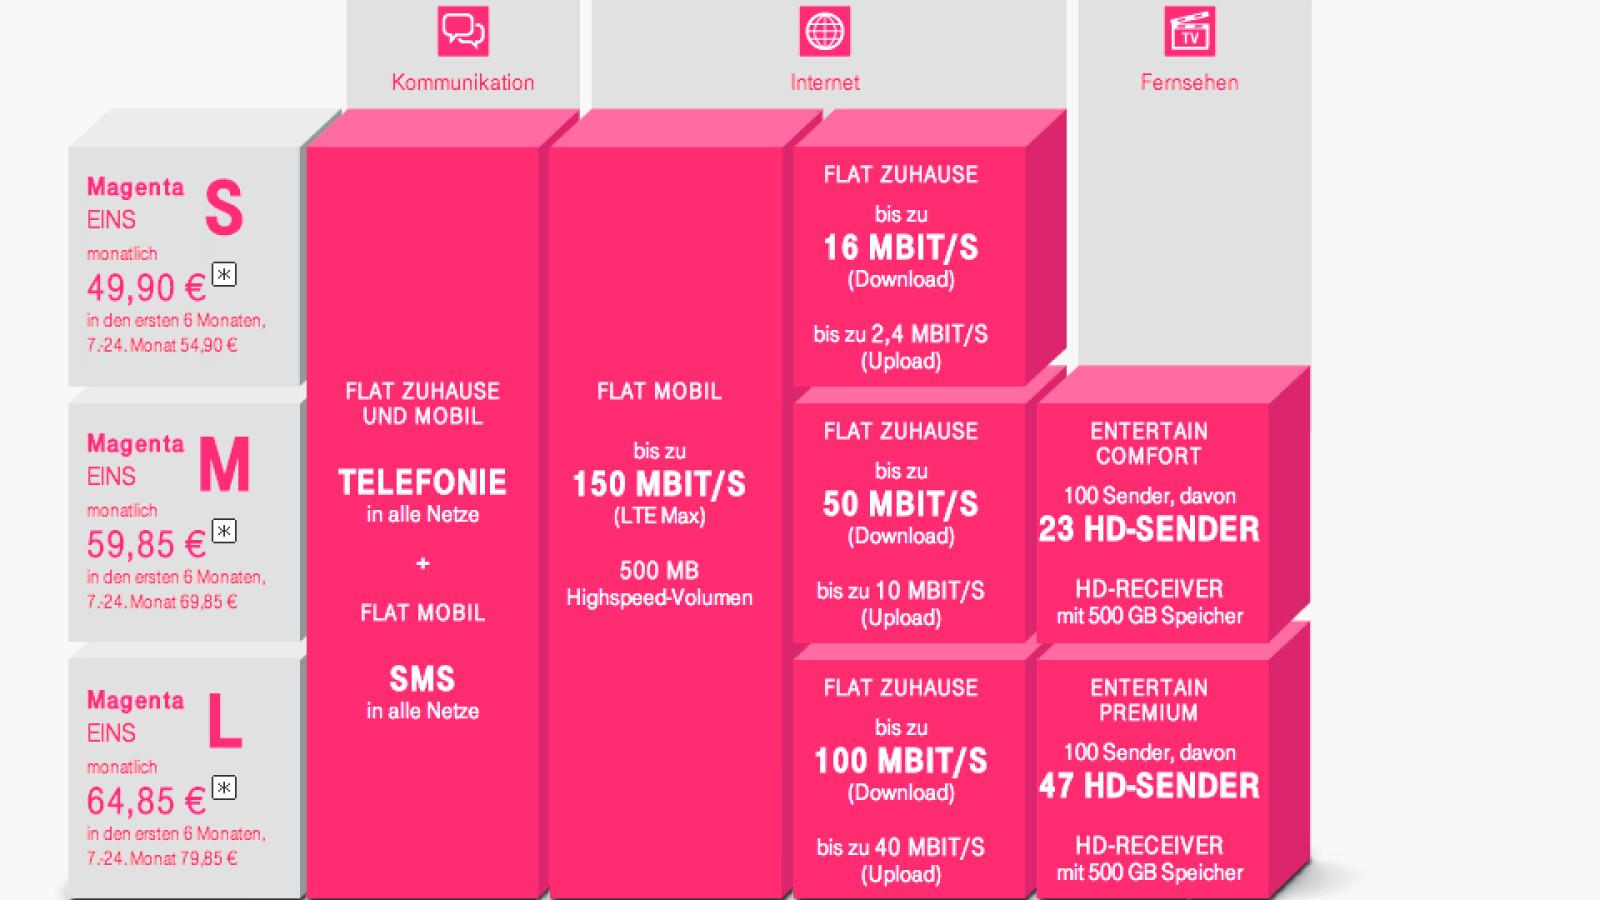 magenta 1 und magenta mobile telekom stellt auf der ifa neue tarife vor netzwelt. Black Bedroom Furniture Sets. Home Design Ideas